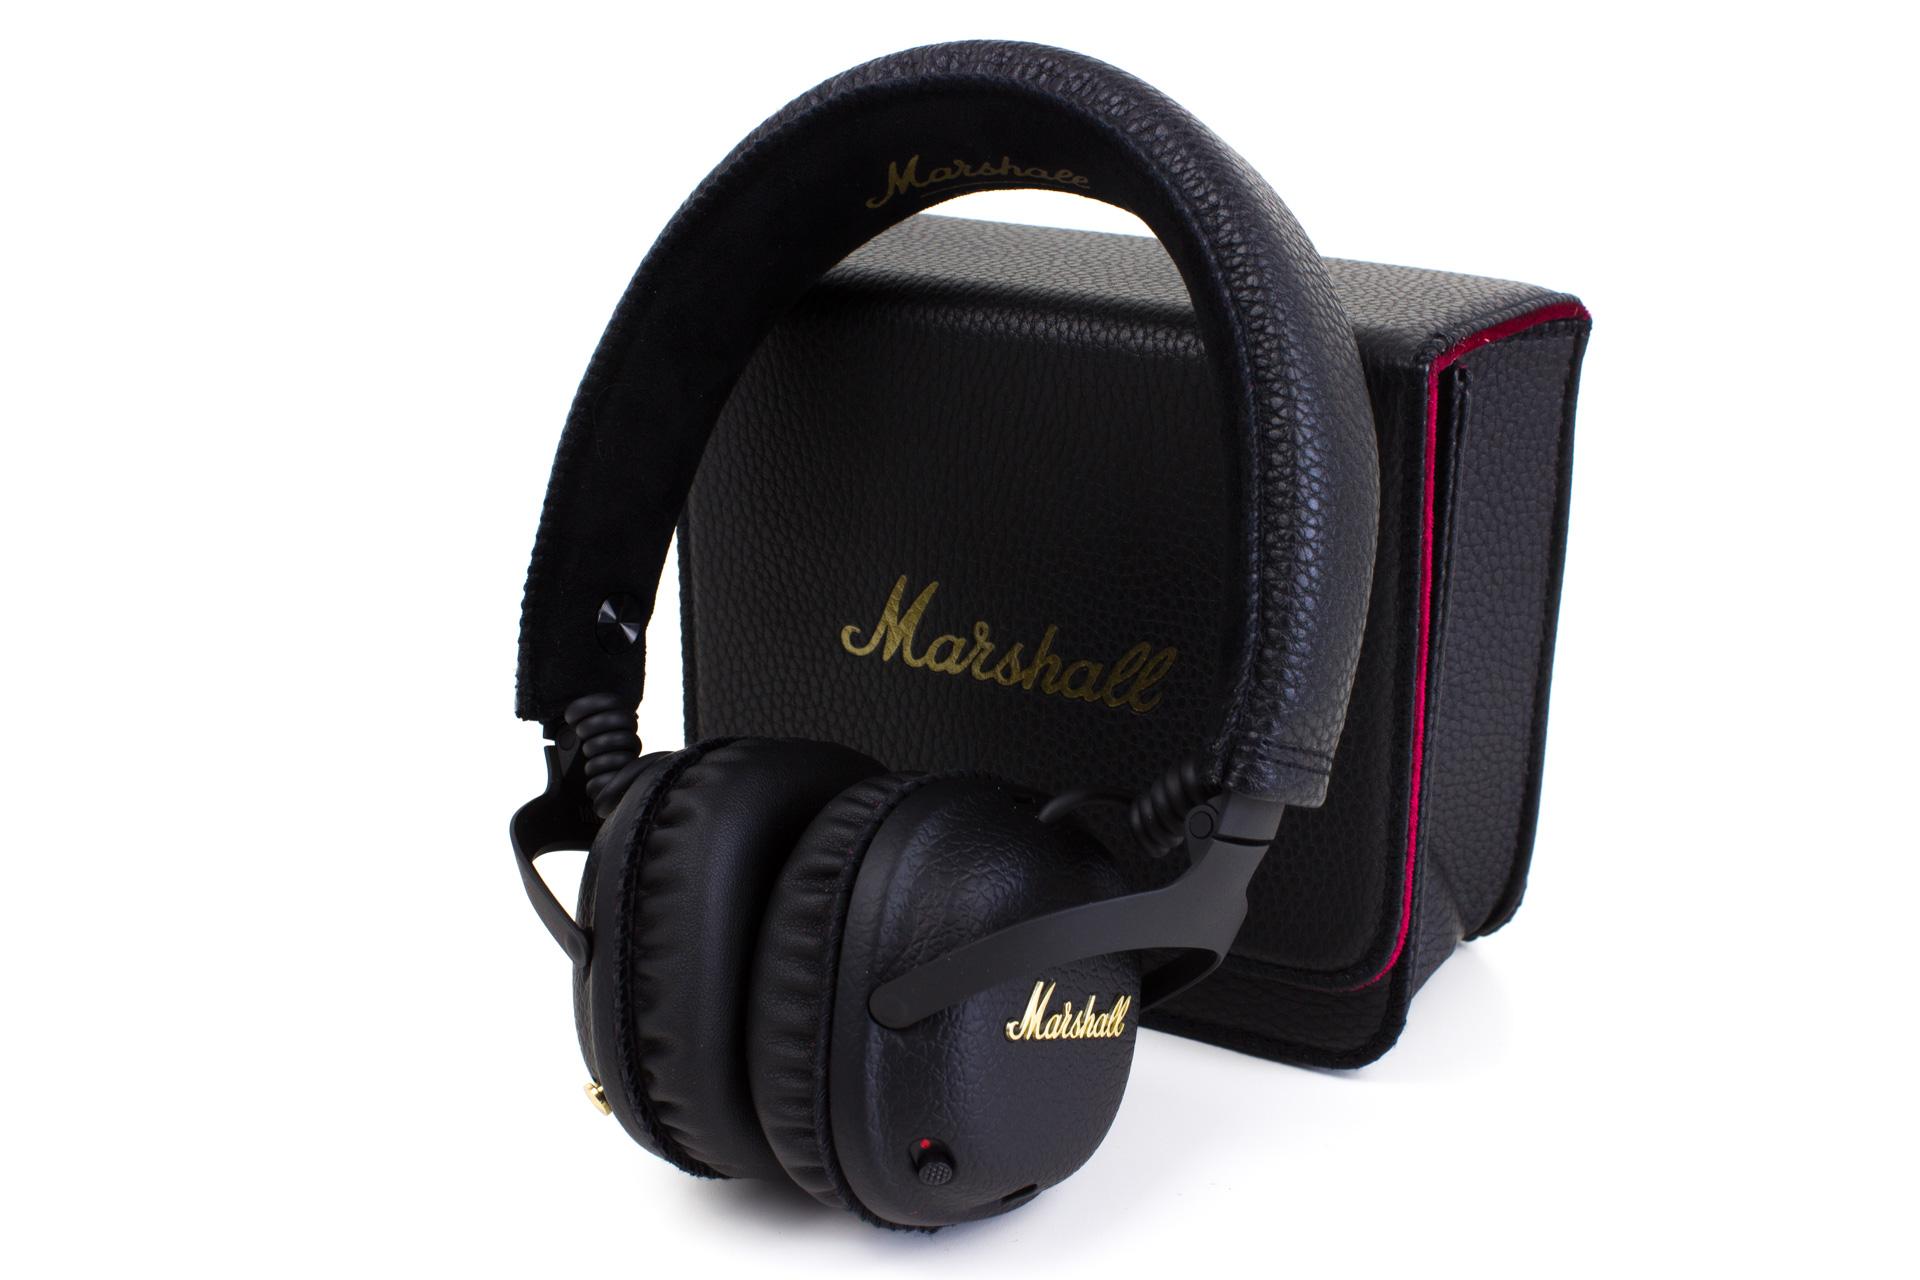 Marshall-Mid-ANC